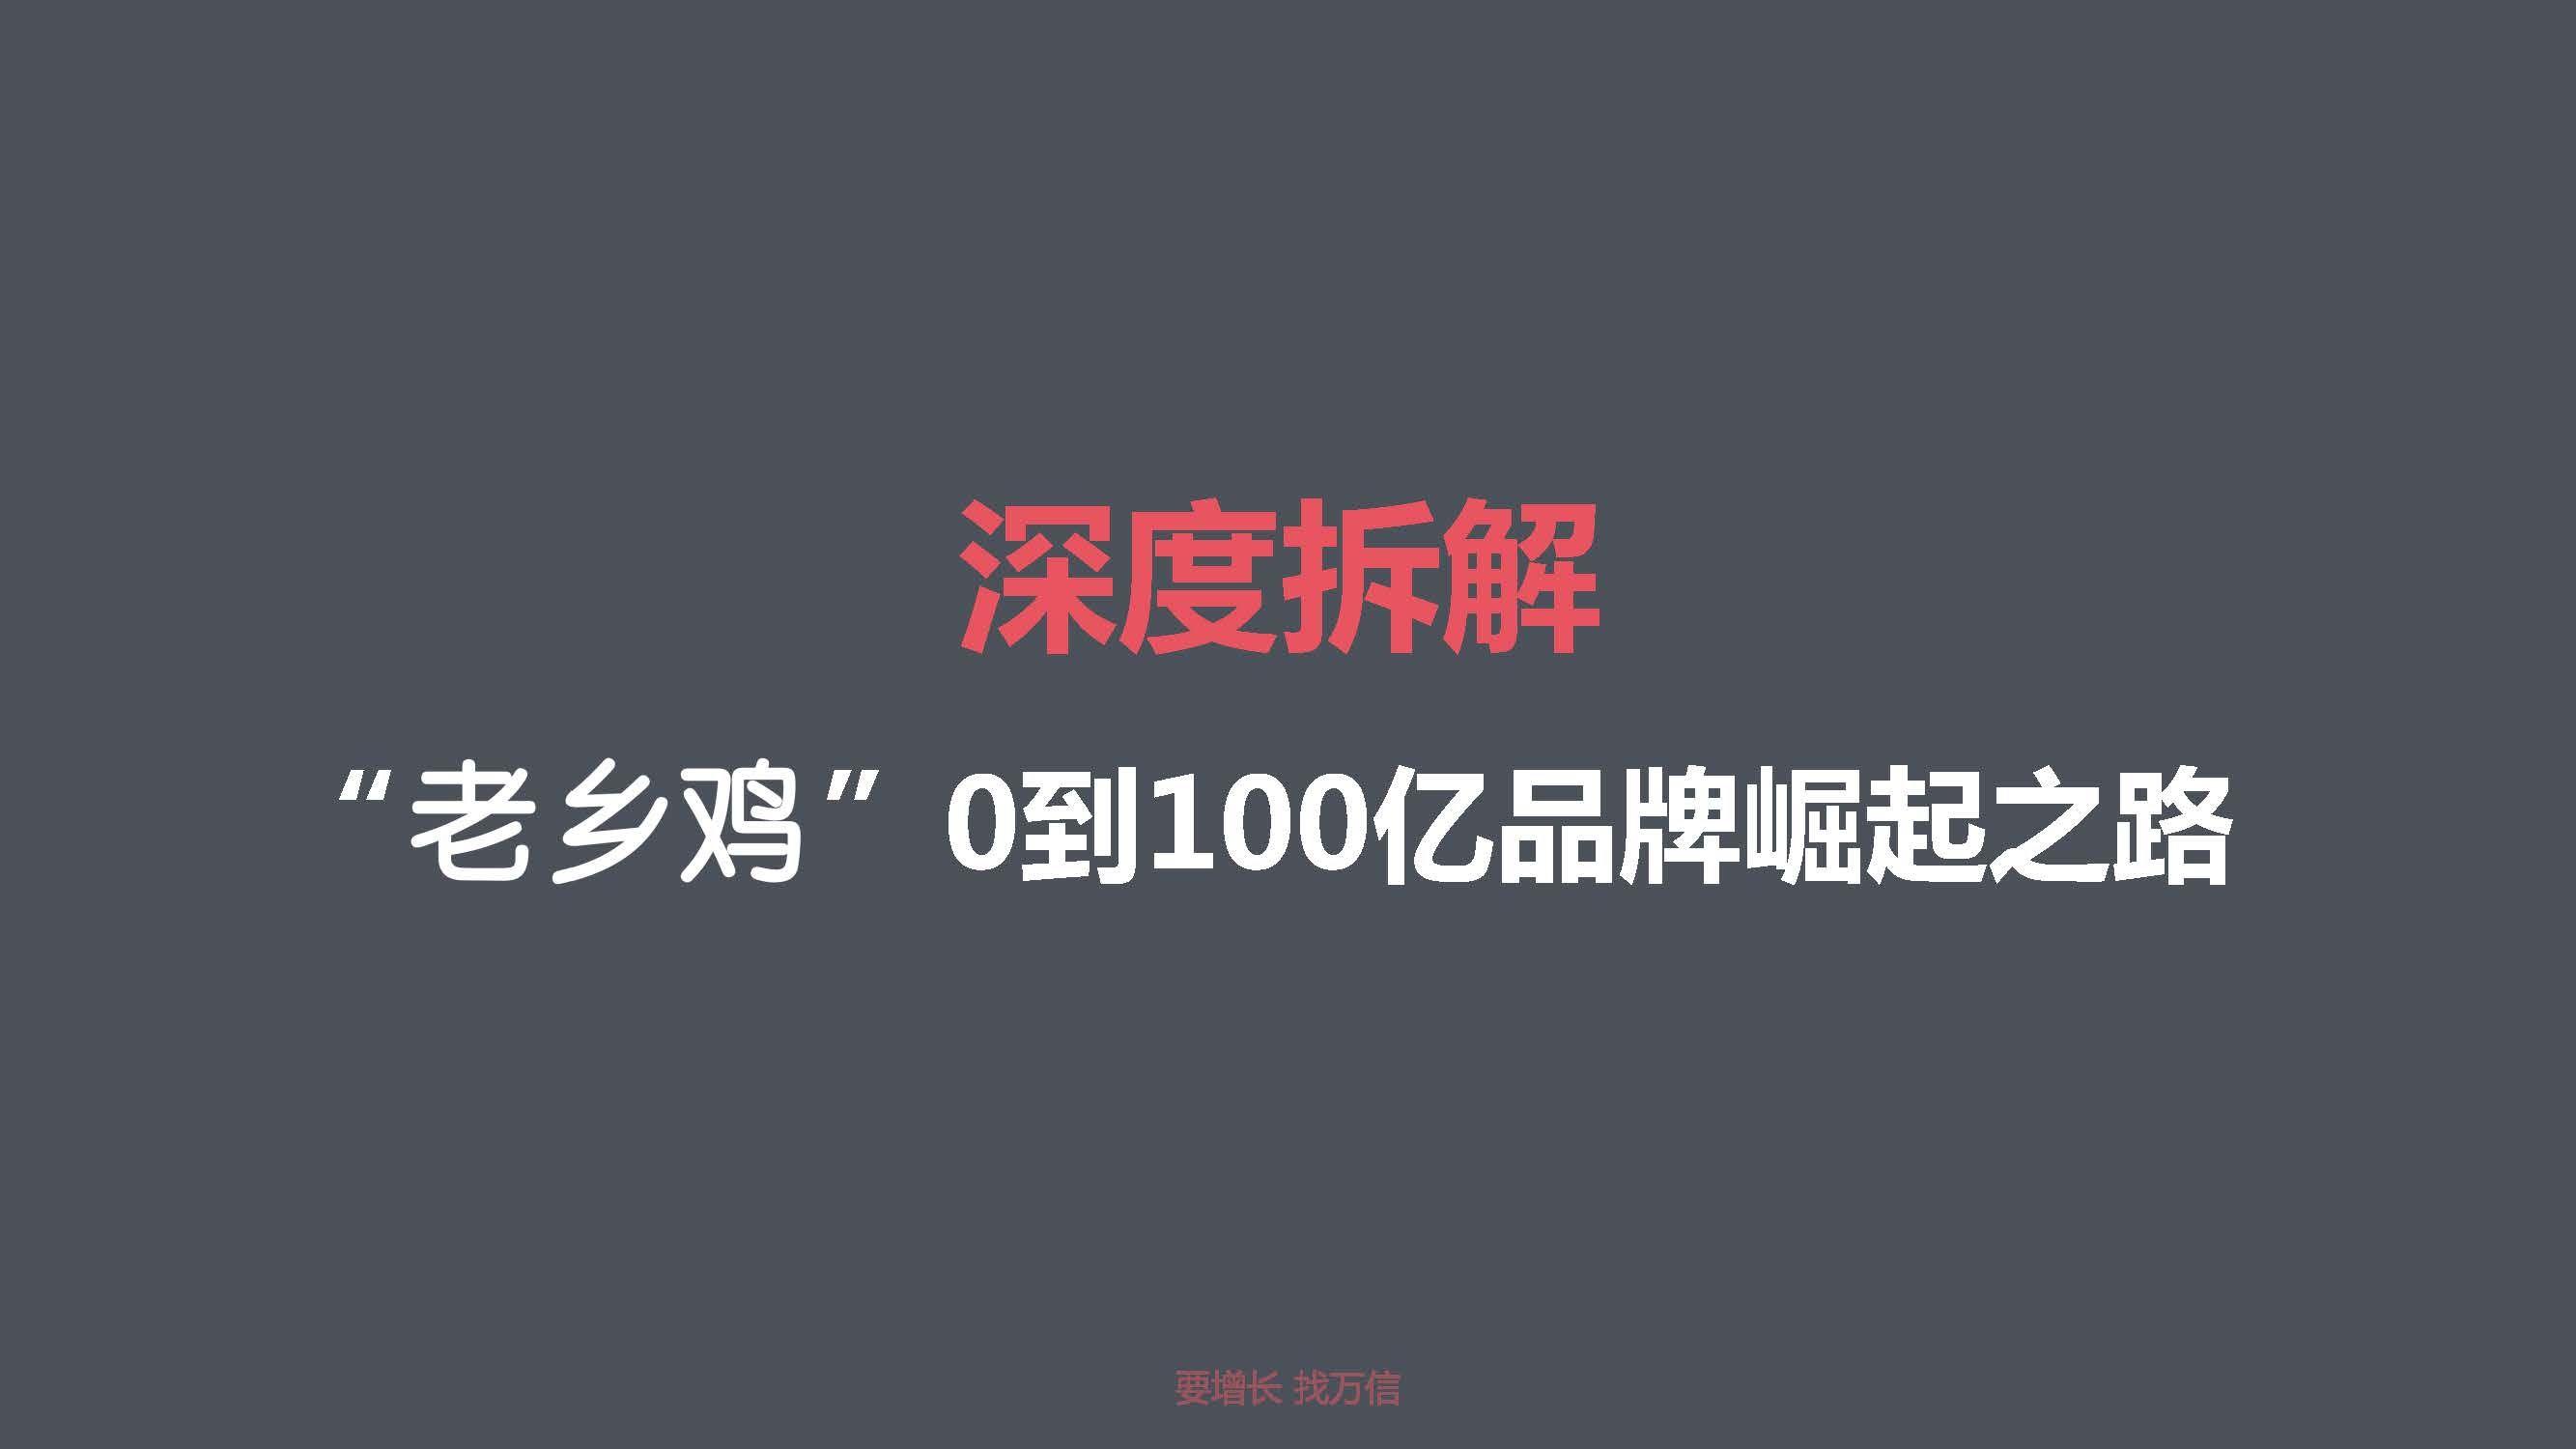 """深度拆解——""""老乡鸡""""从0到100亿品牌崛起之路(附下载)"""